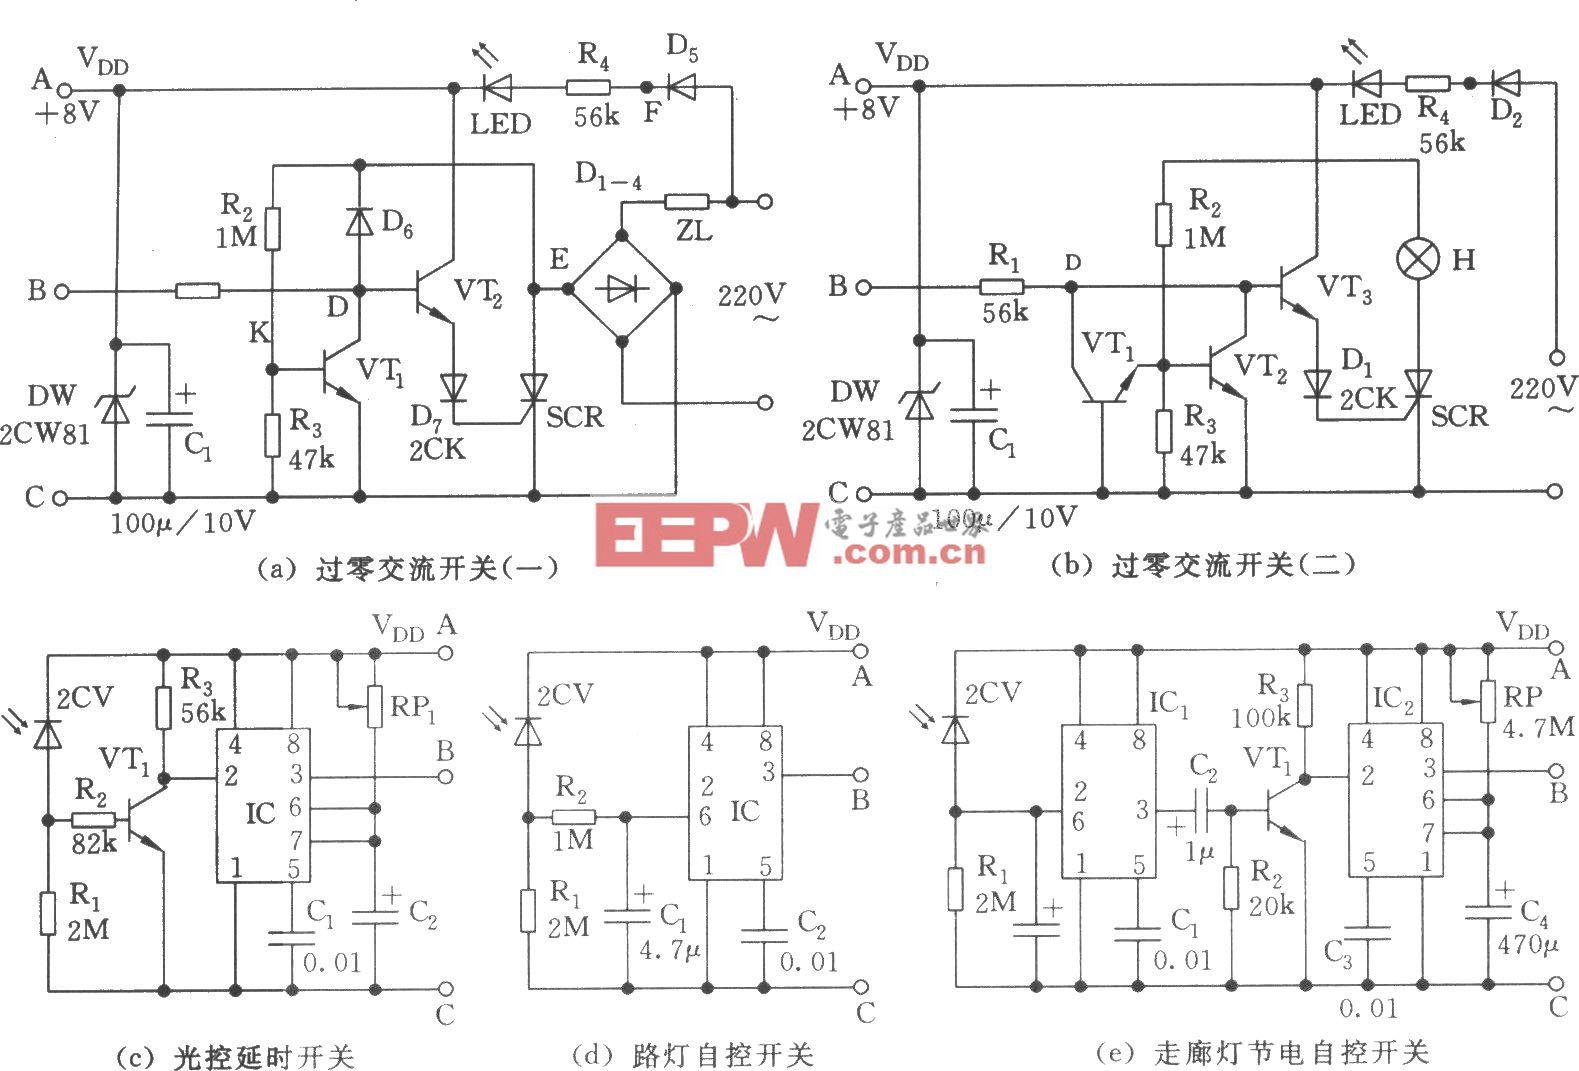 三種光控式可控硅過零開關電路